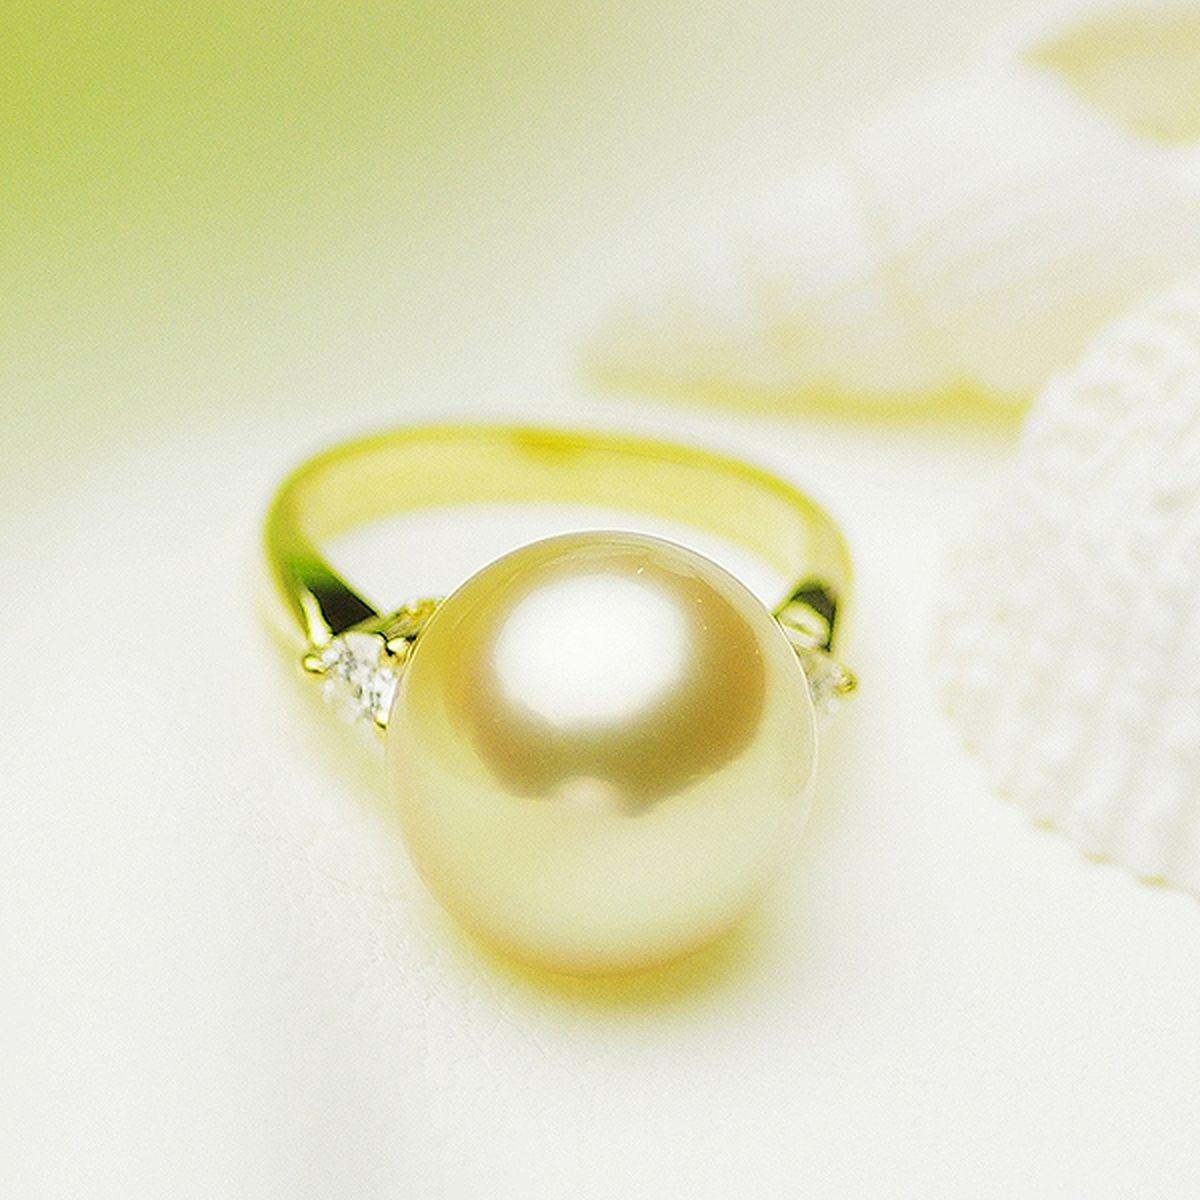 南洋白蝶ゴールデン真珠リング 約11.5mmの写真